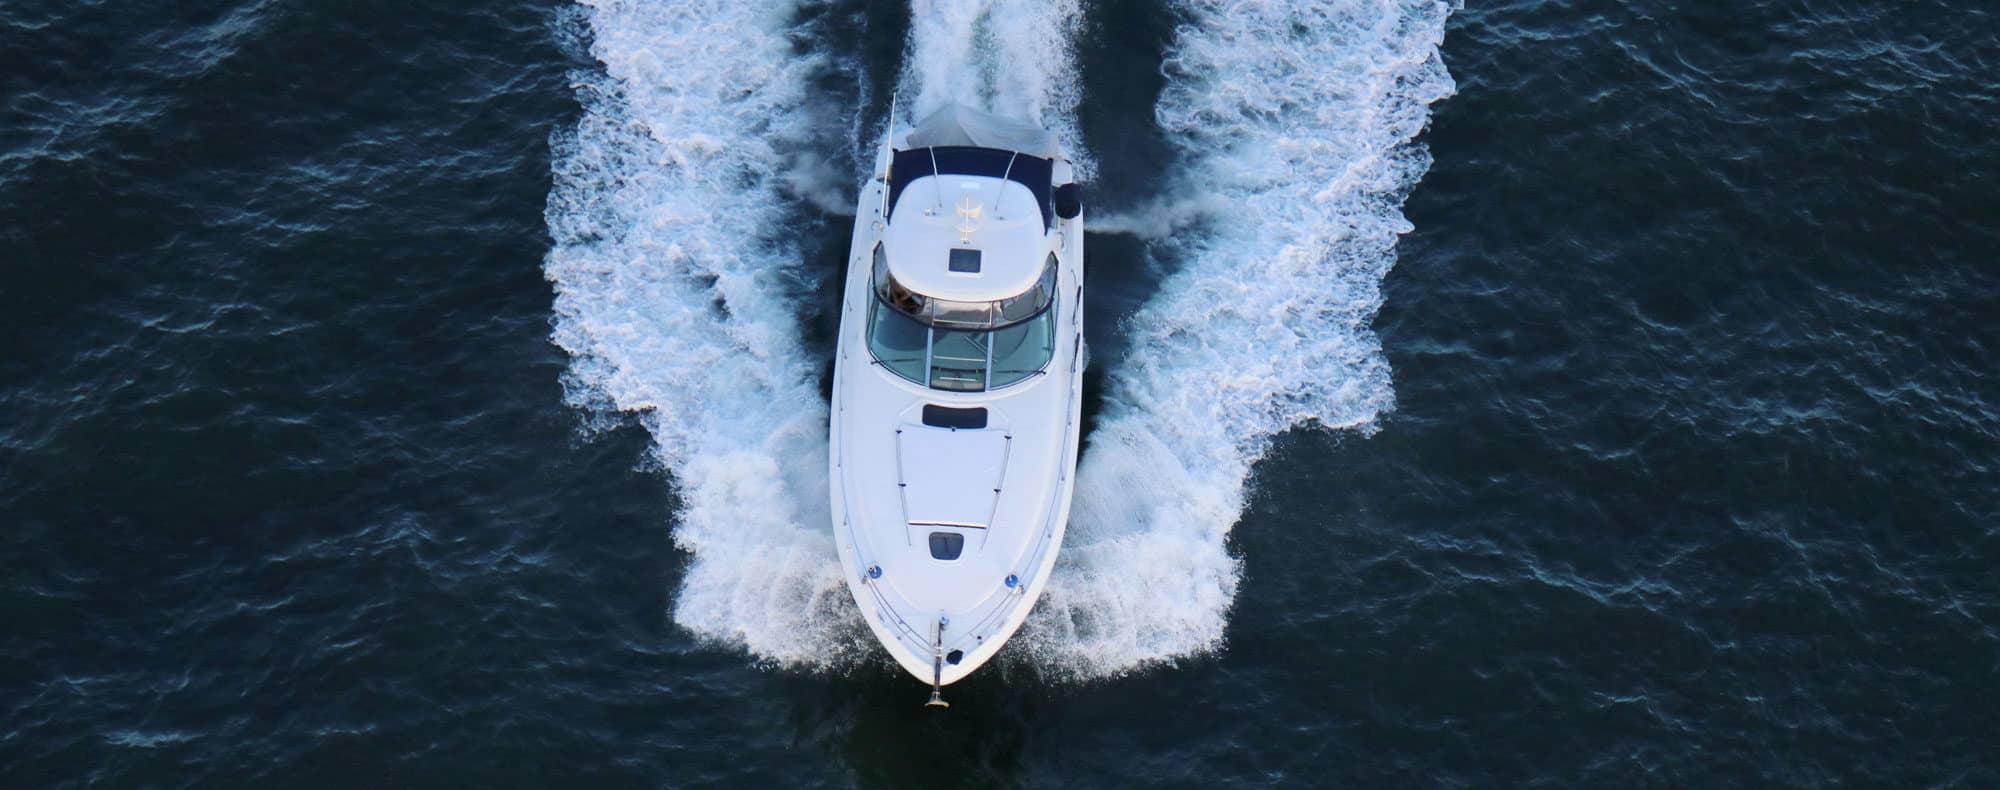 Duelighedsbevis teori og praksis - Motorbåd